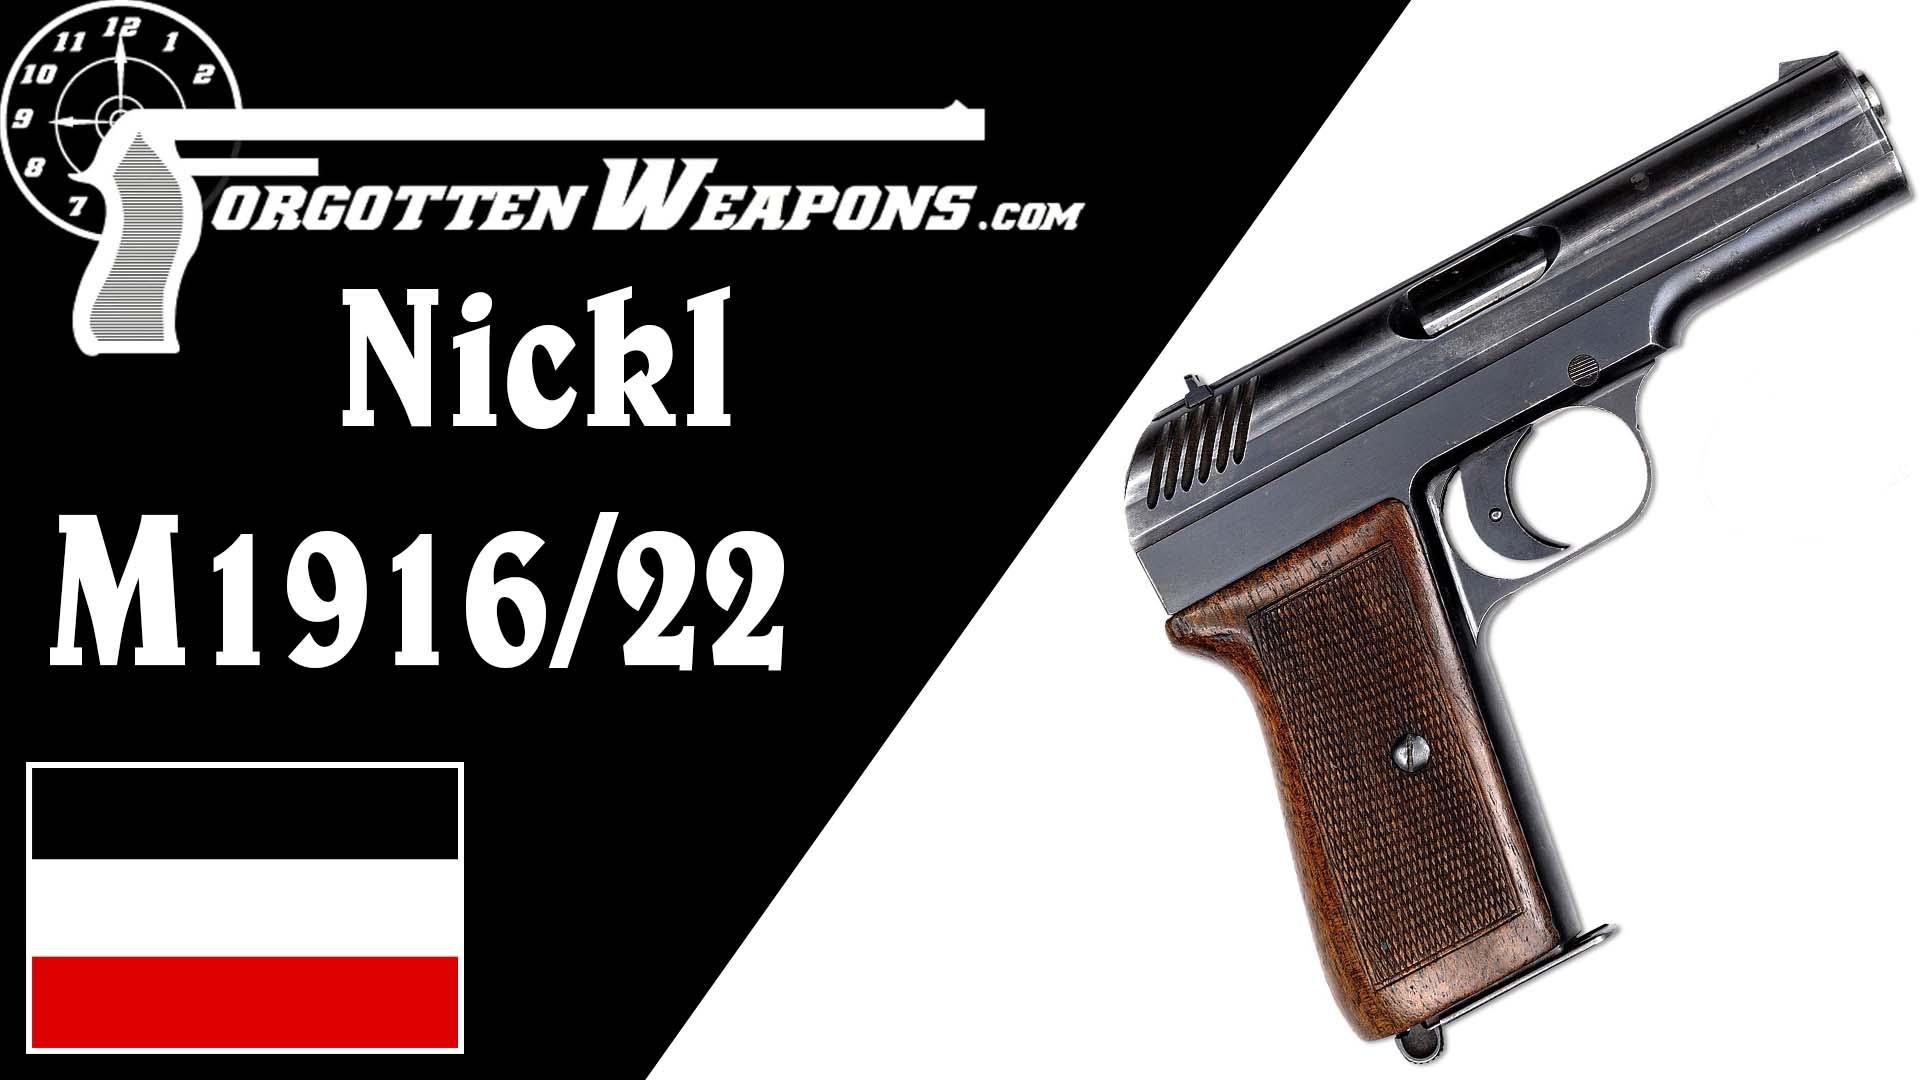 【被遗忘的武器/双语】尼克尔M1916/22--一款枪管回转闭锁的原型枪